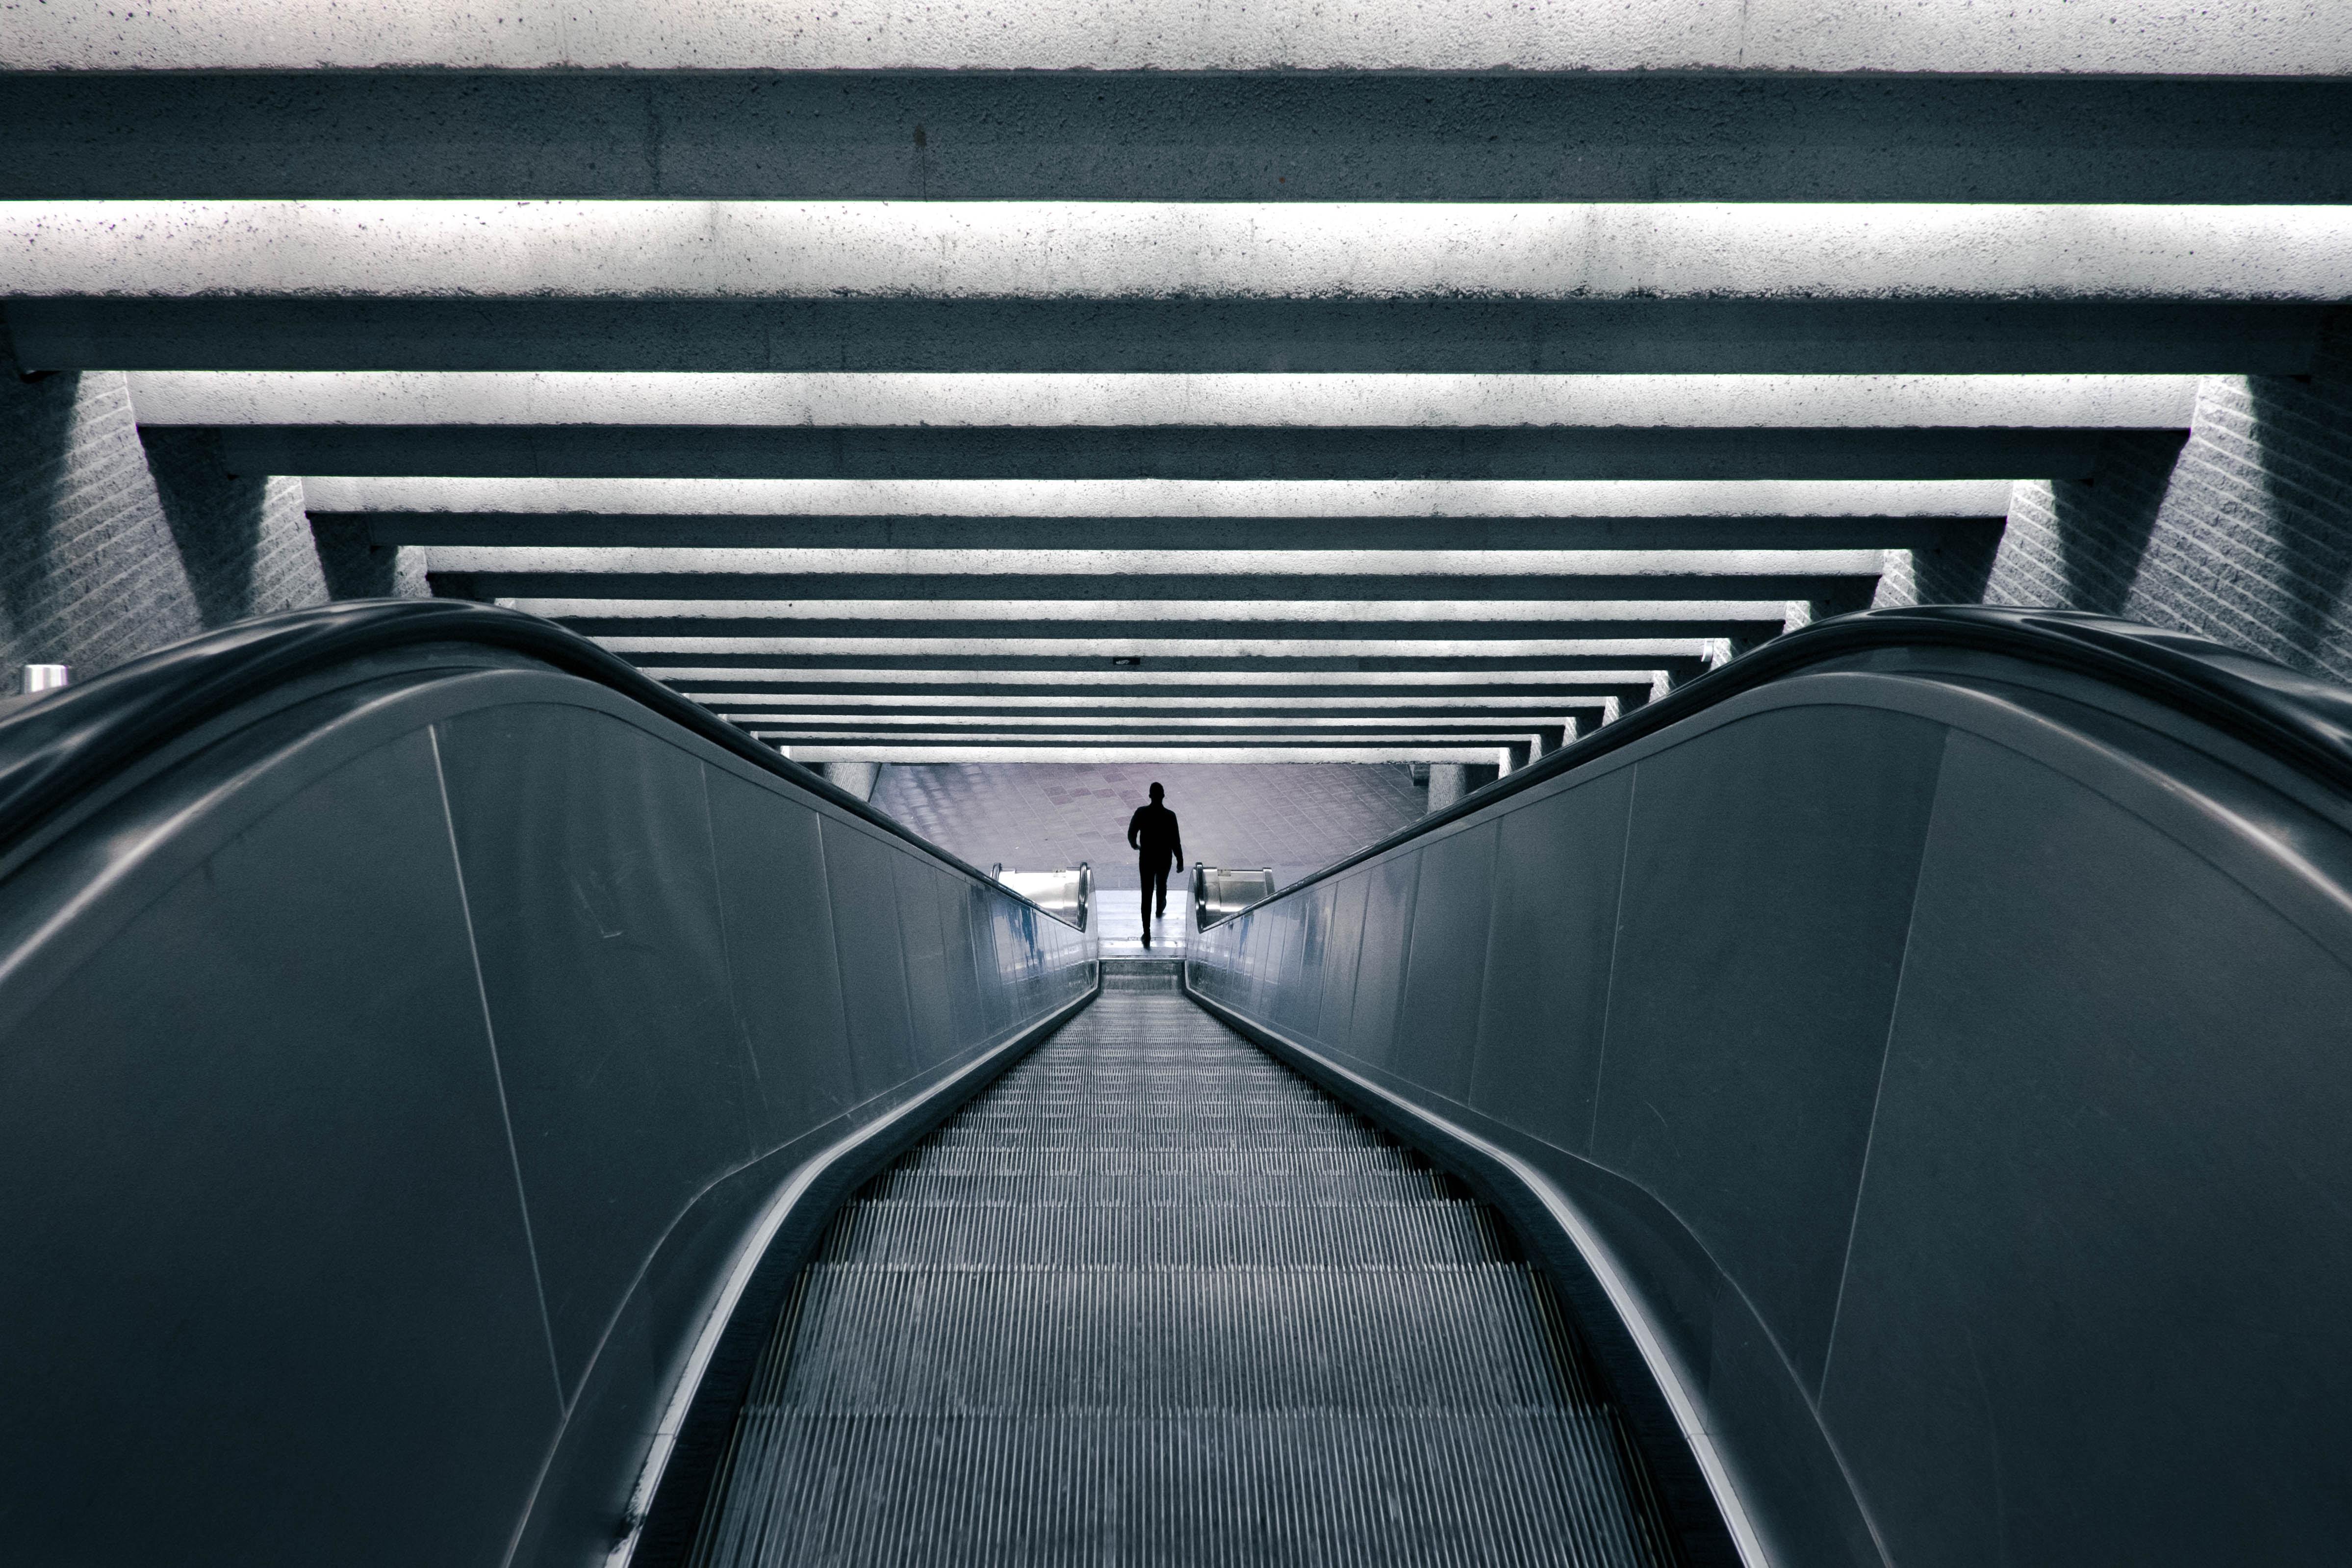 man on escalator turned on